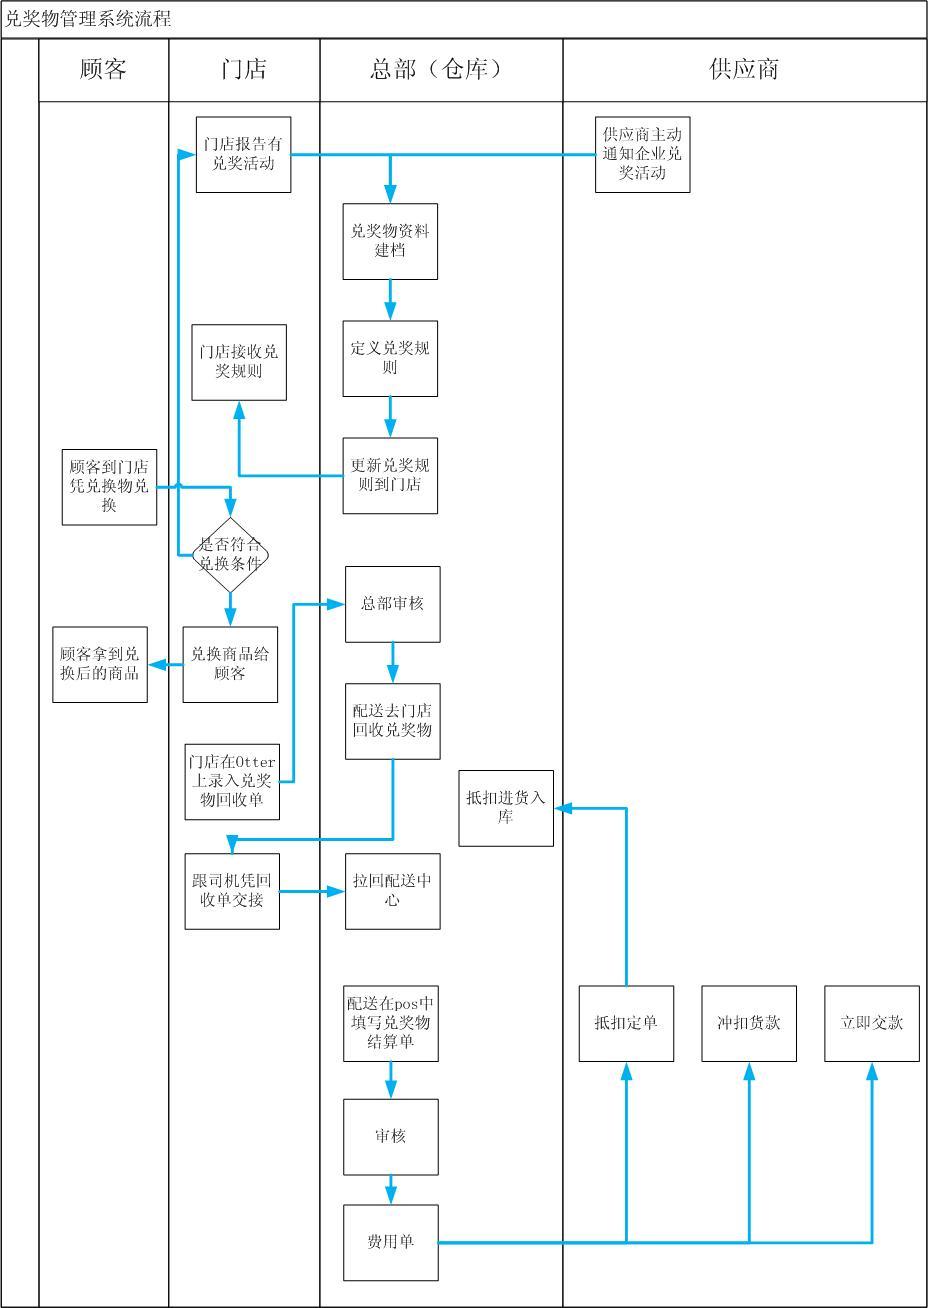 丰田汽车业务流程图